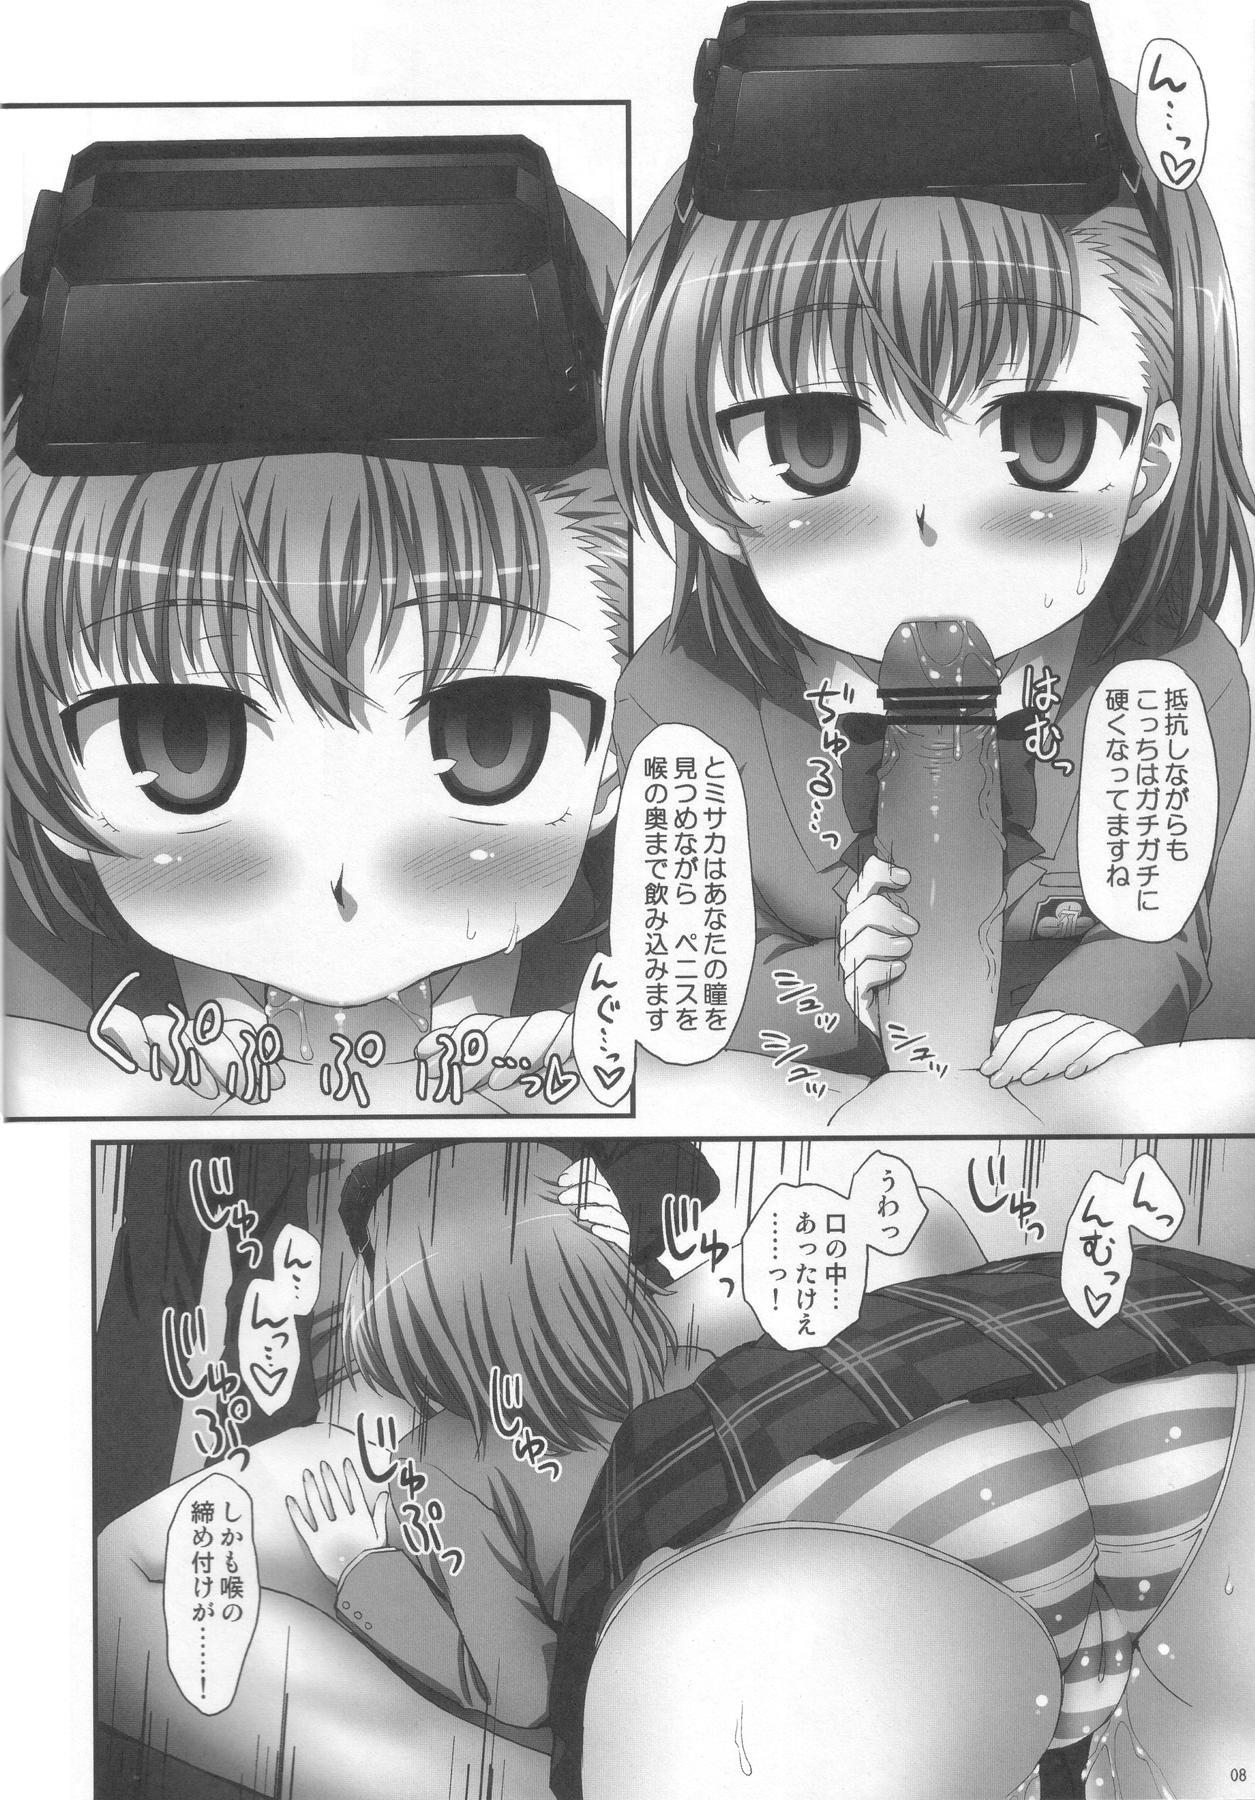 Misaka wa Misaka Imouto Hon. 7